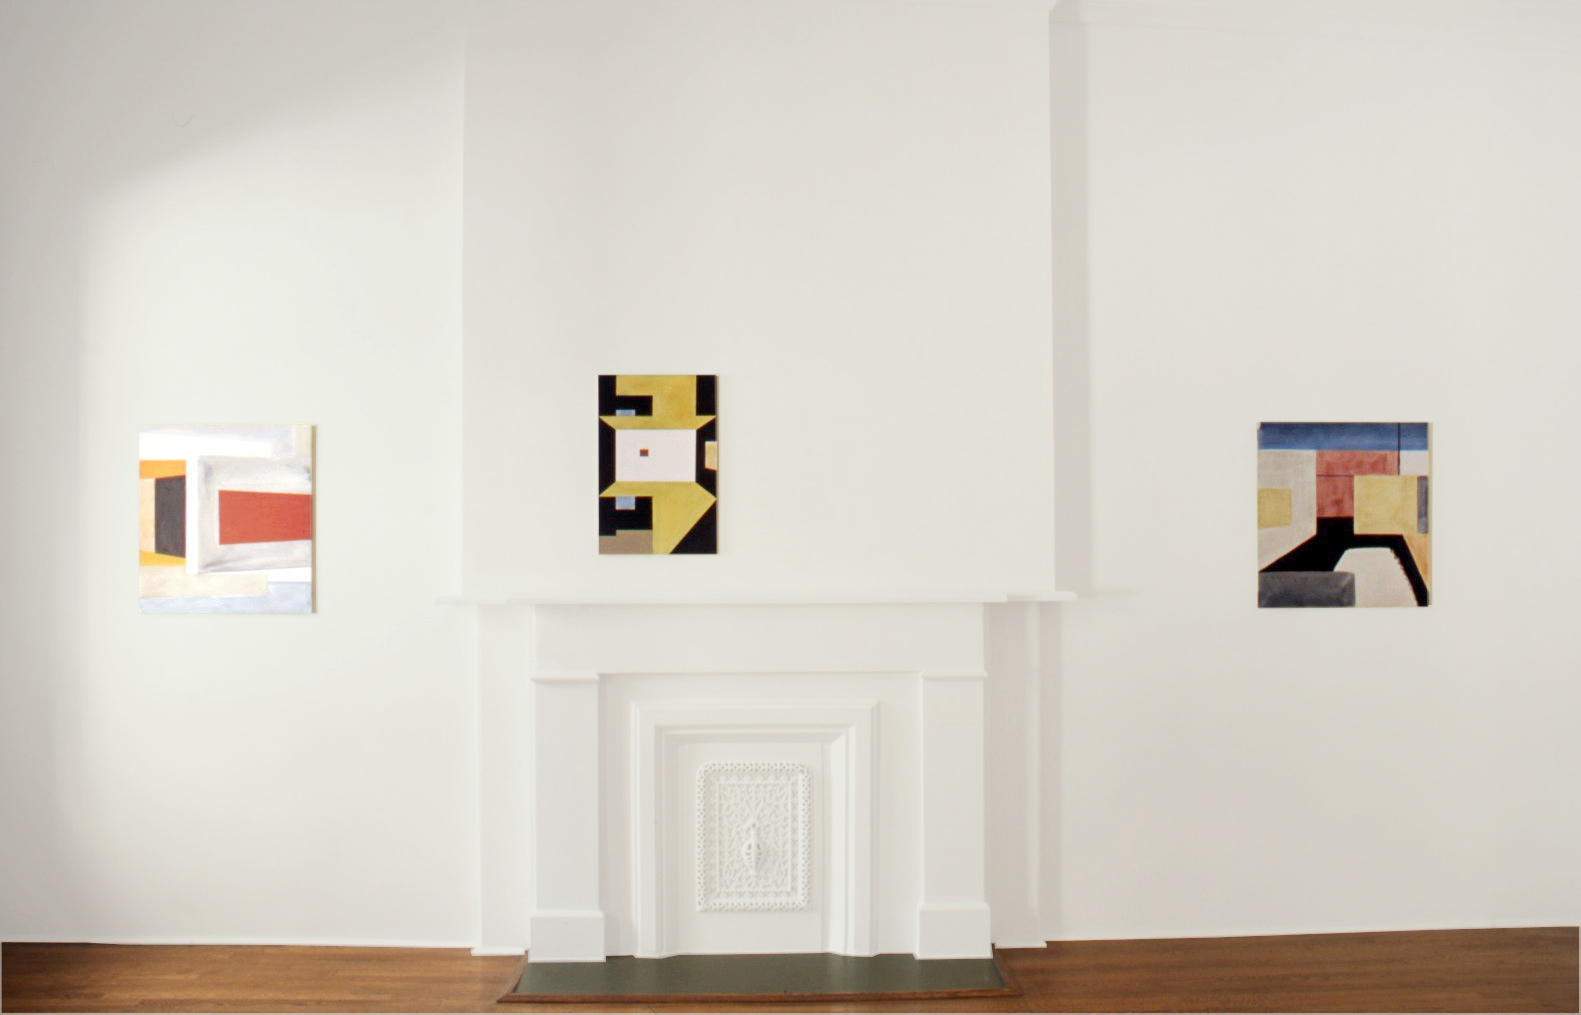 Ernst Caramelle At Lawrence Markey 2000 3.jpeg